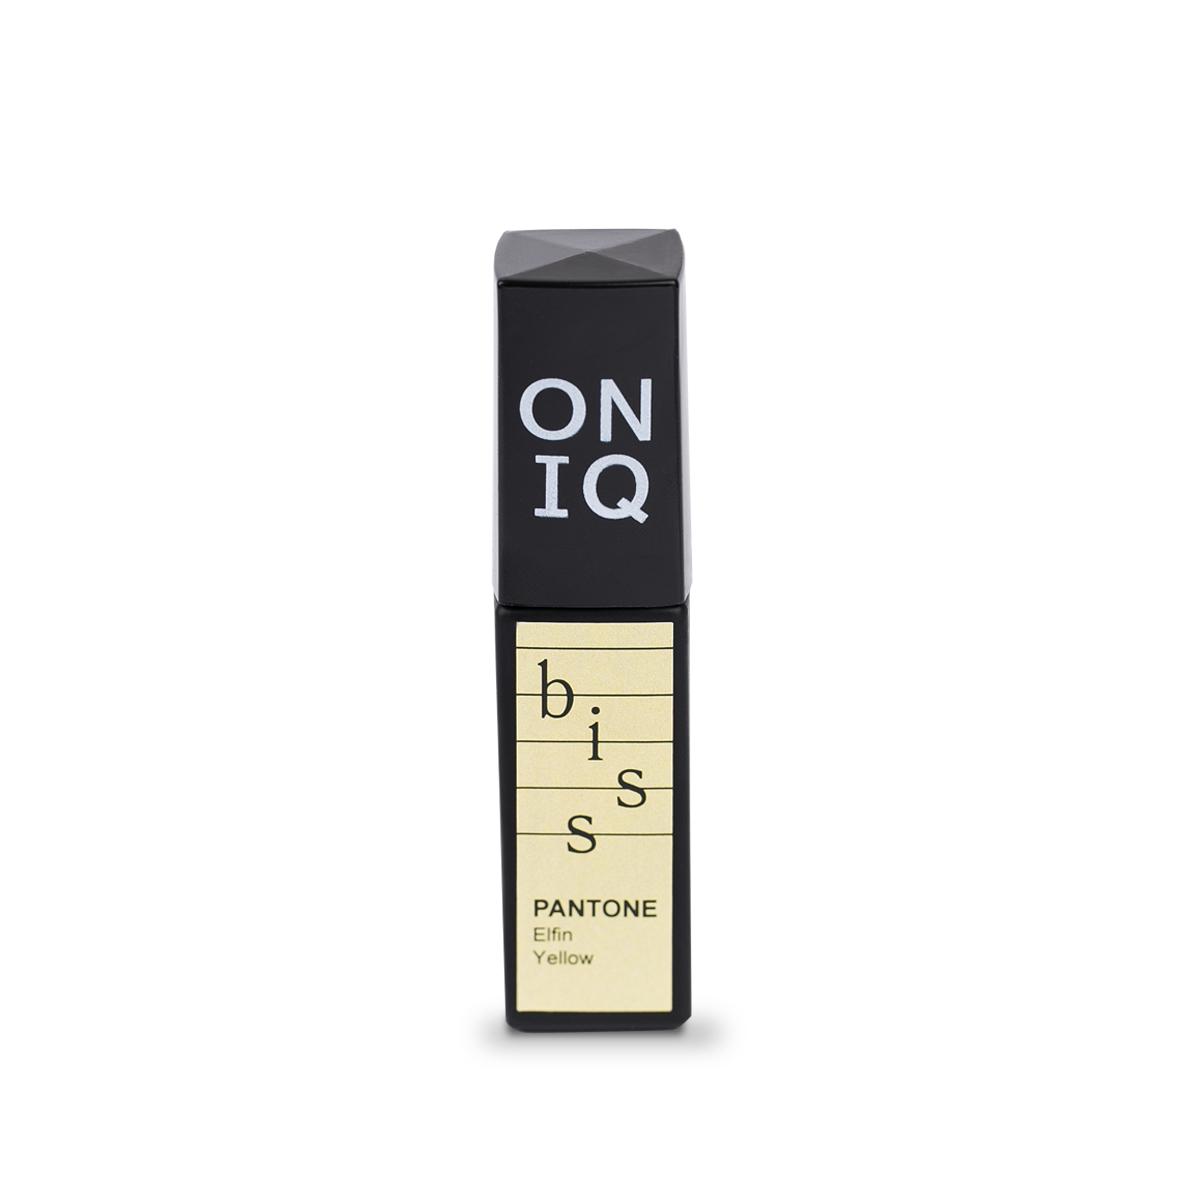 ONIQ Гель-лак для покрытия ногтей, Pantone: Elfin yellow, 6 мл